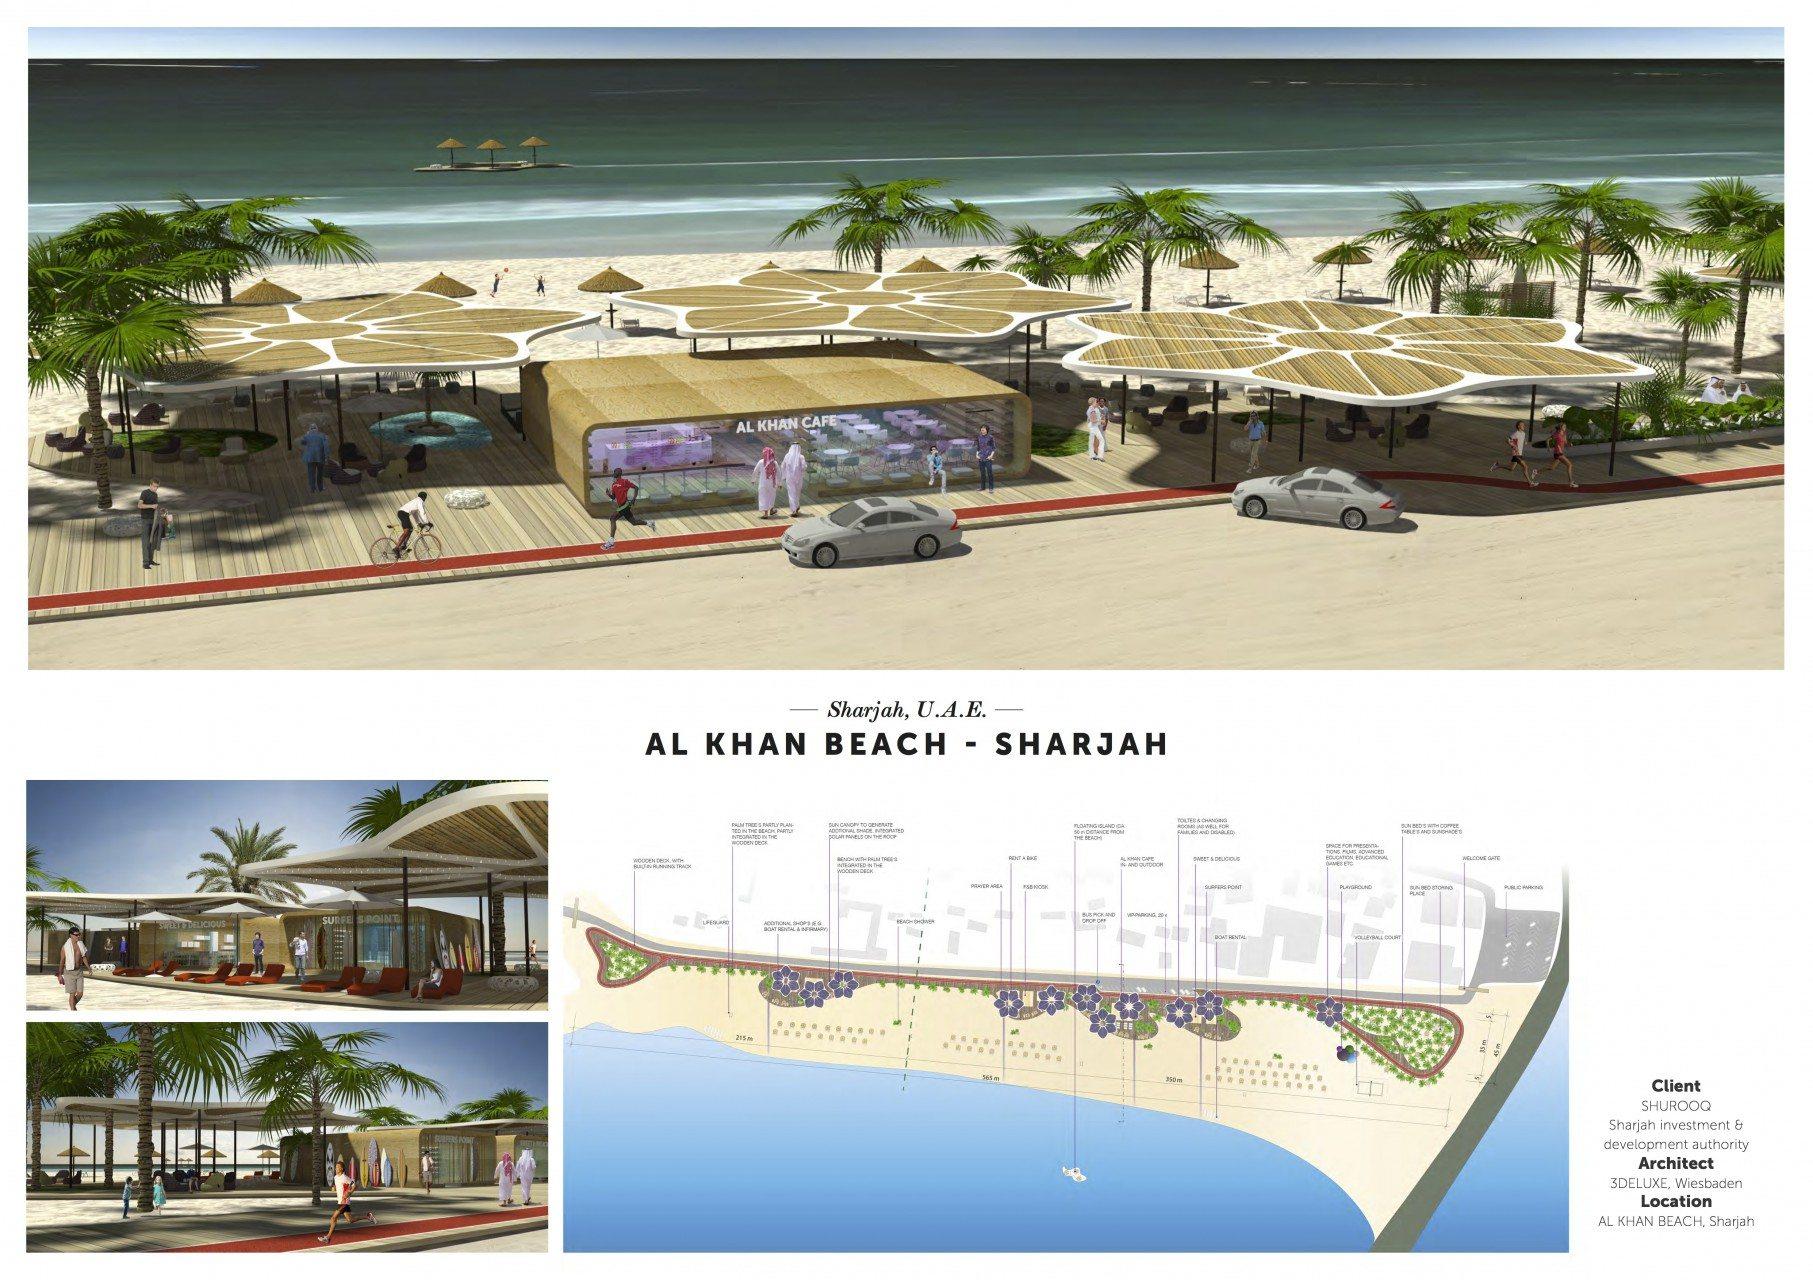 Al Khan Beach.  Auch das nächste Projekt von 3deluxe im Emirat von Sharjah steht fest: die Neugestaltung des Al Khan Strands, nur wenige Kilometer von Al Noor Island entfernt.